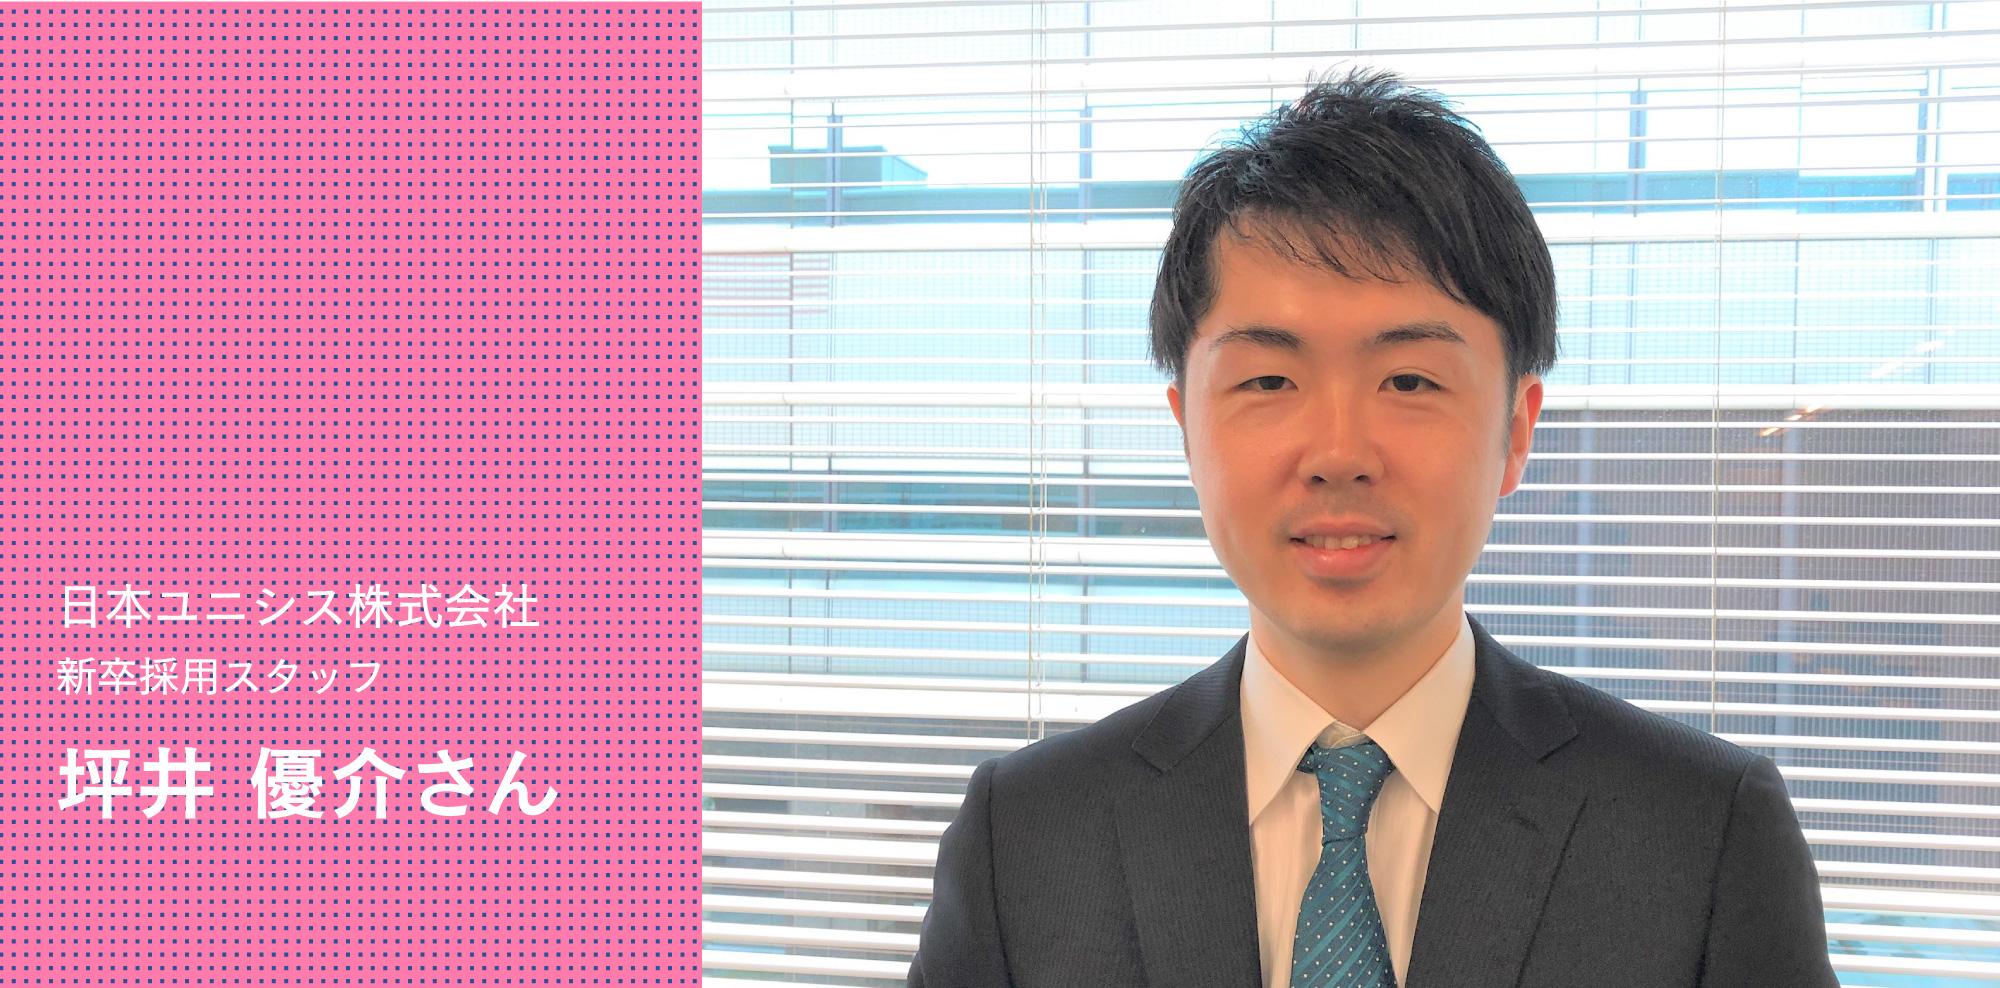 日本ユニシス株式会社新卒採用スタッフ 坪井 優介さん